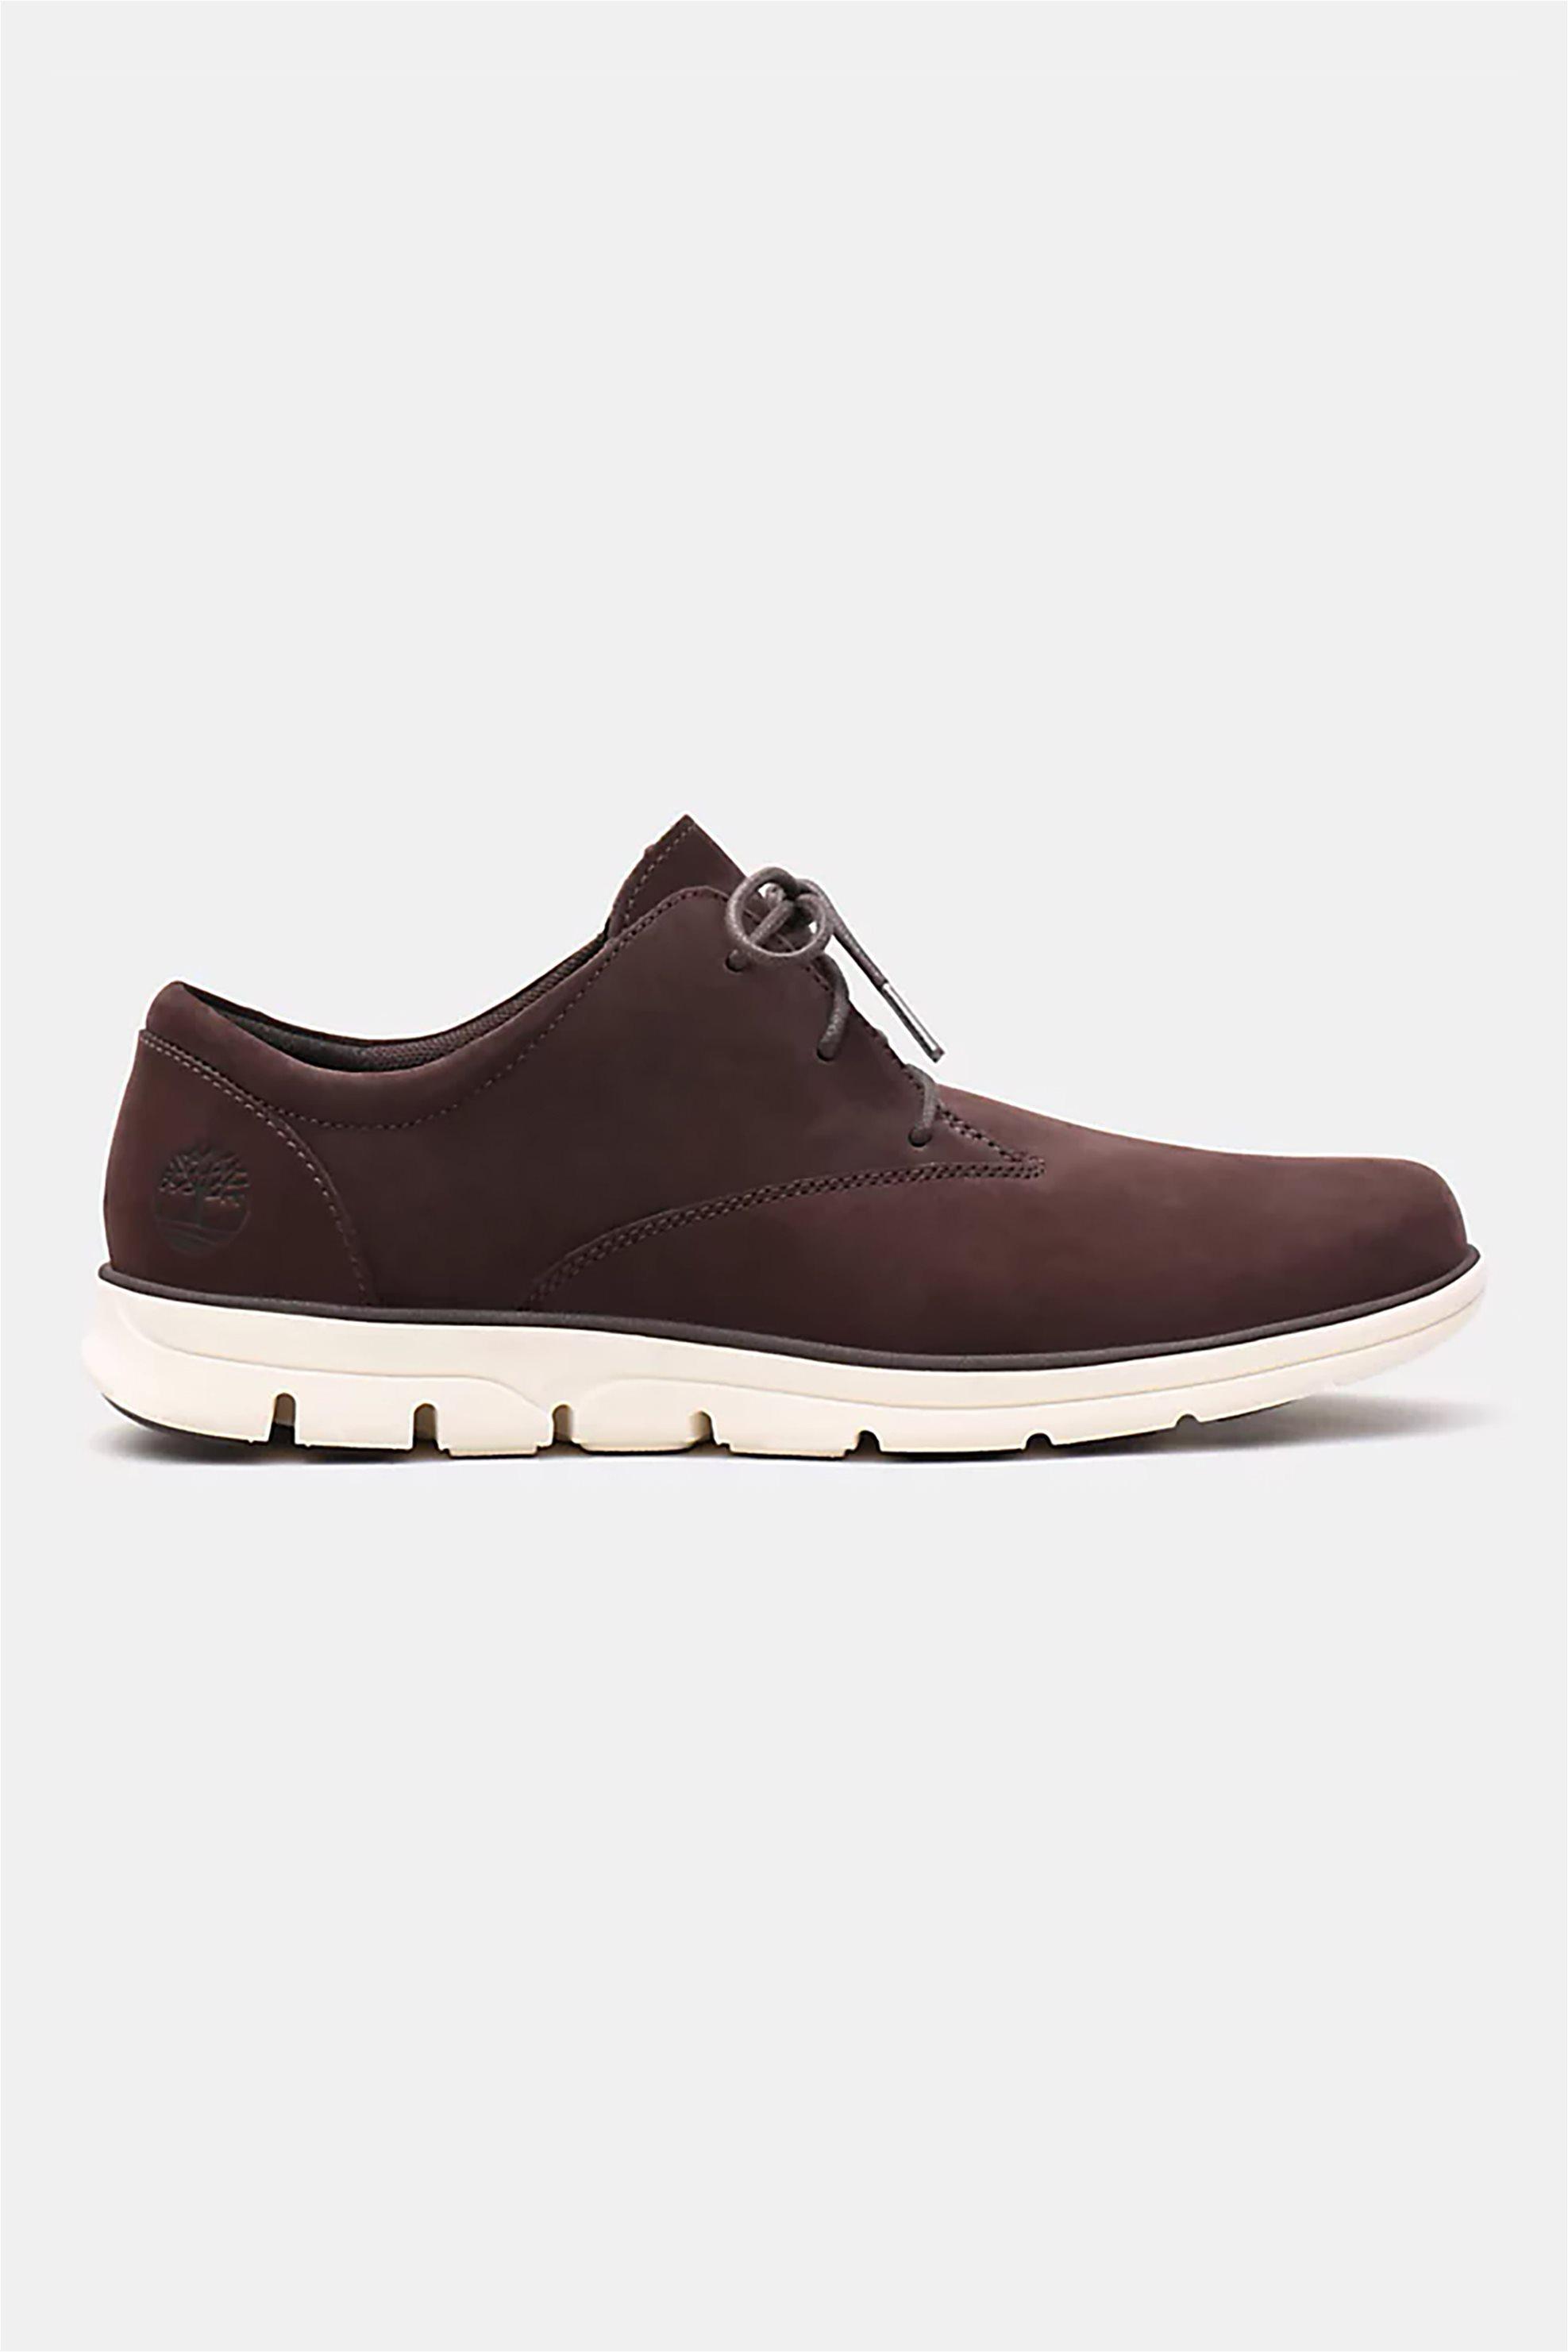 Τimberland ανδρικά suede παπούτσια Oxford «Bradstreet» – TB0A26JK5441 – Καφέ